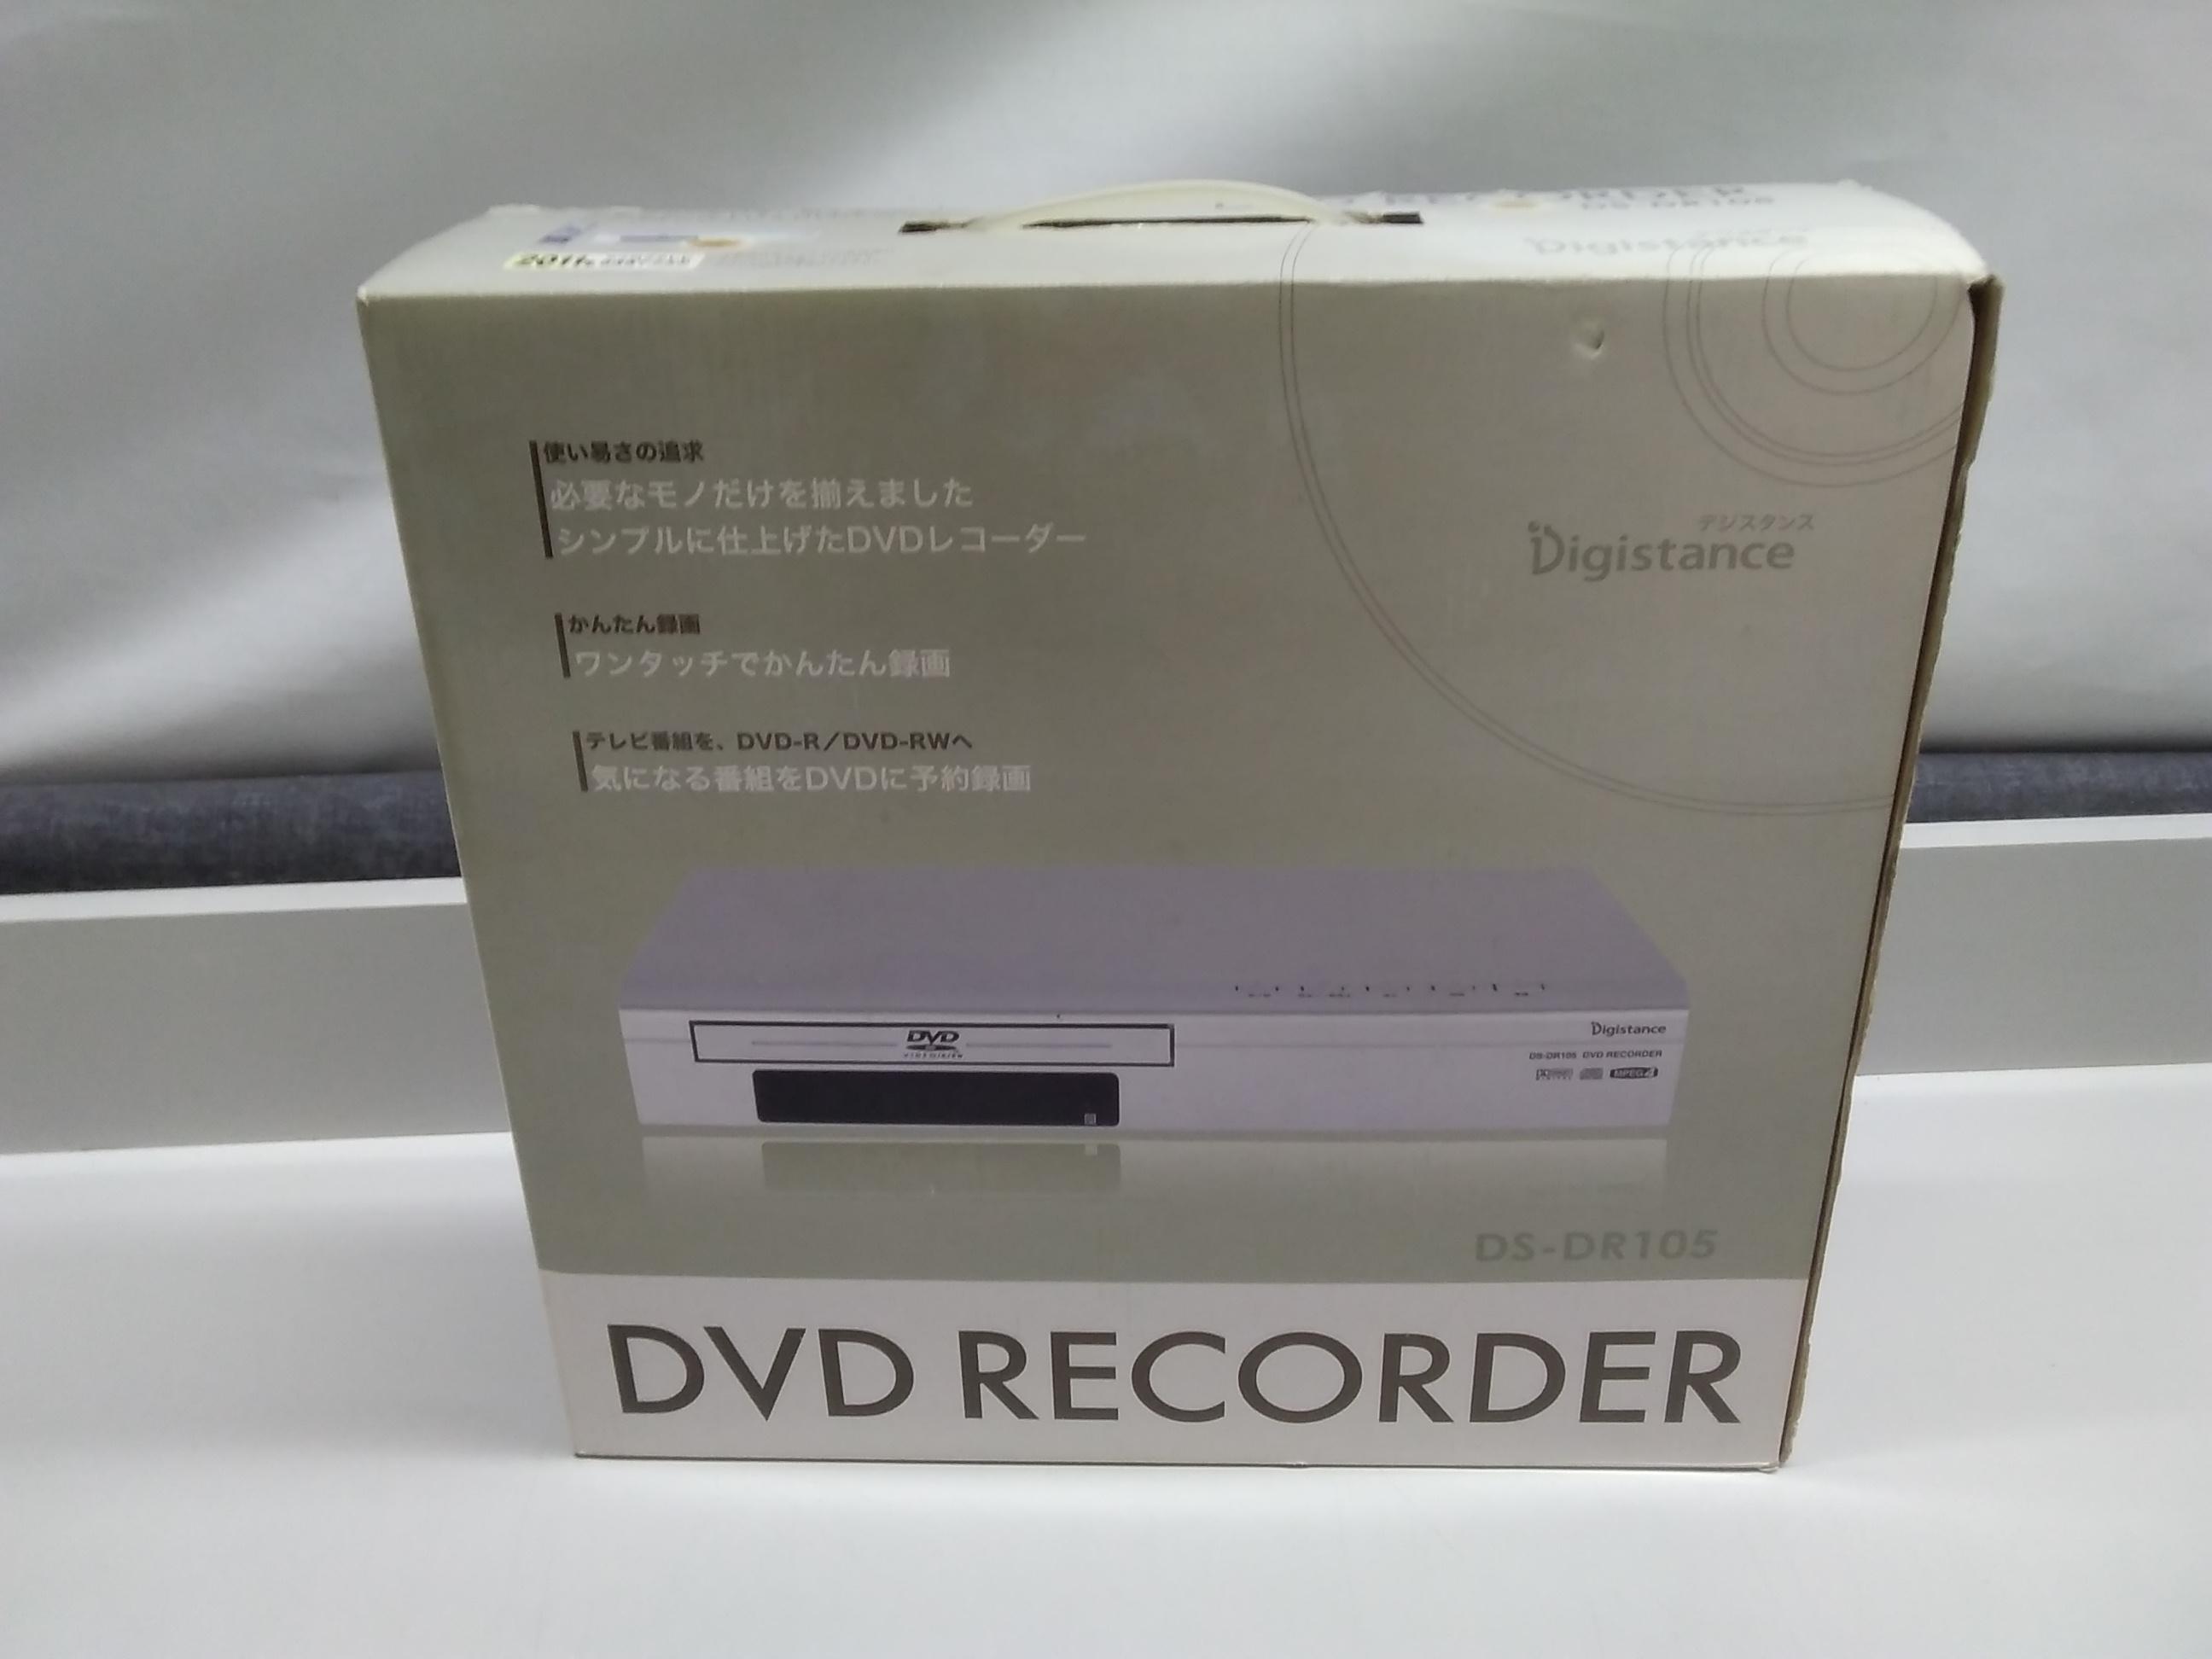 DVDレコーダー|DISTANSCE